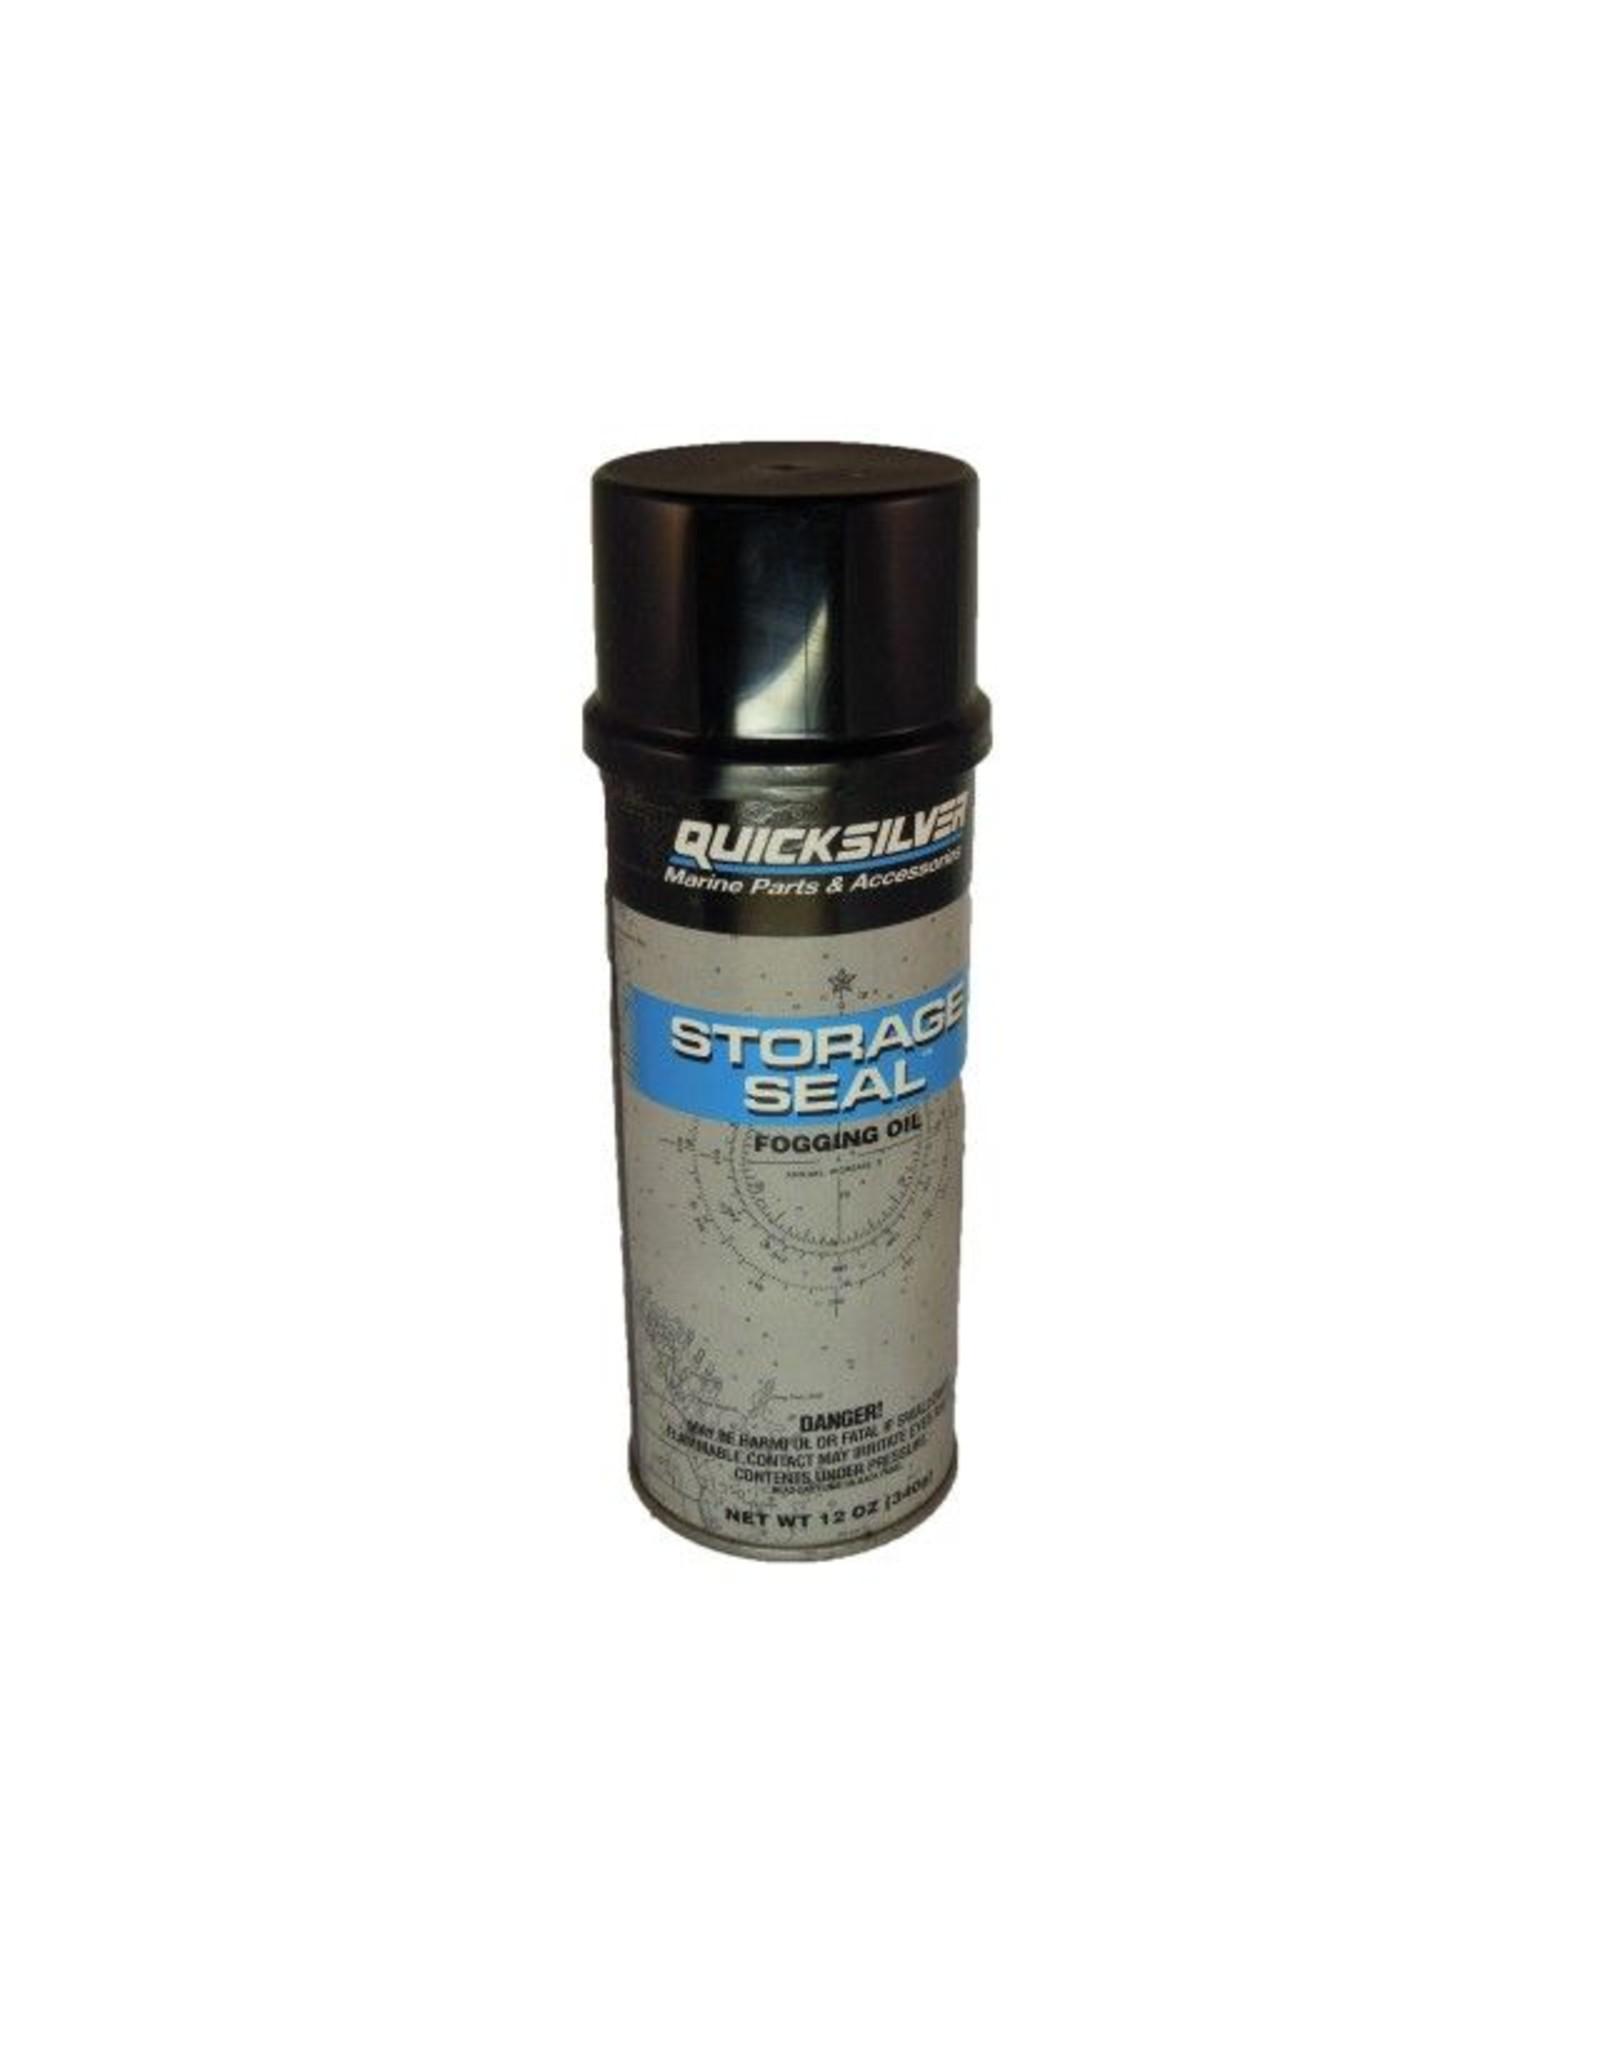 Quicksilver Quicksilver storage seal